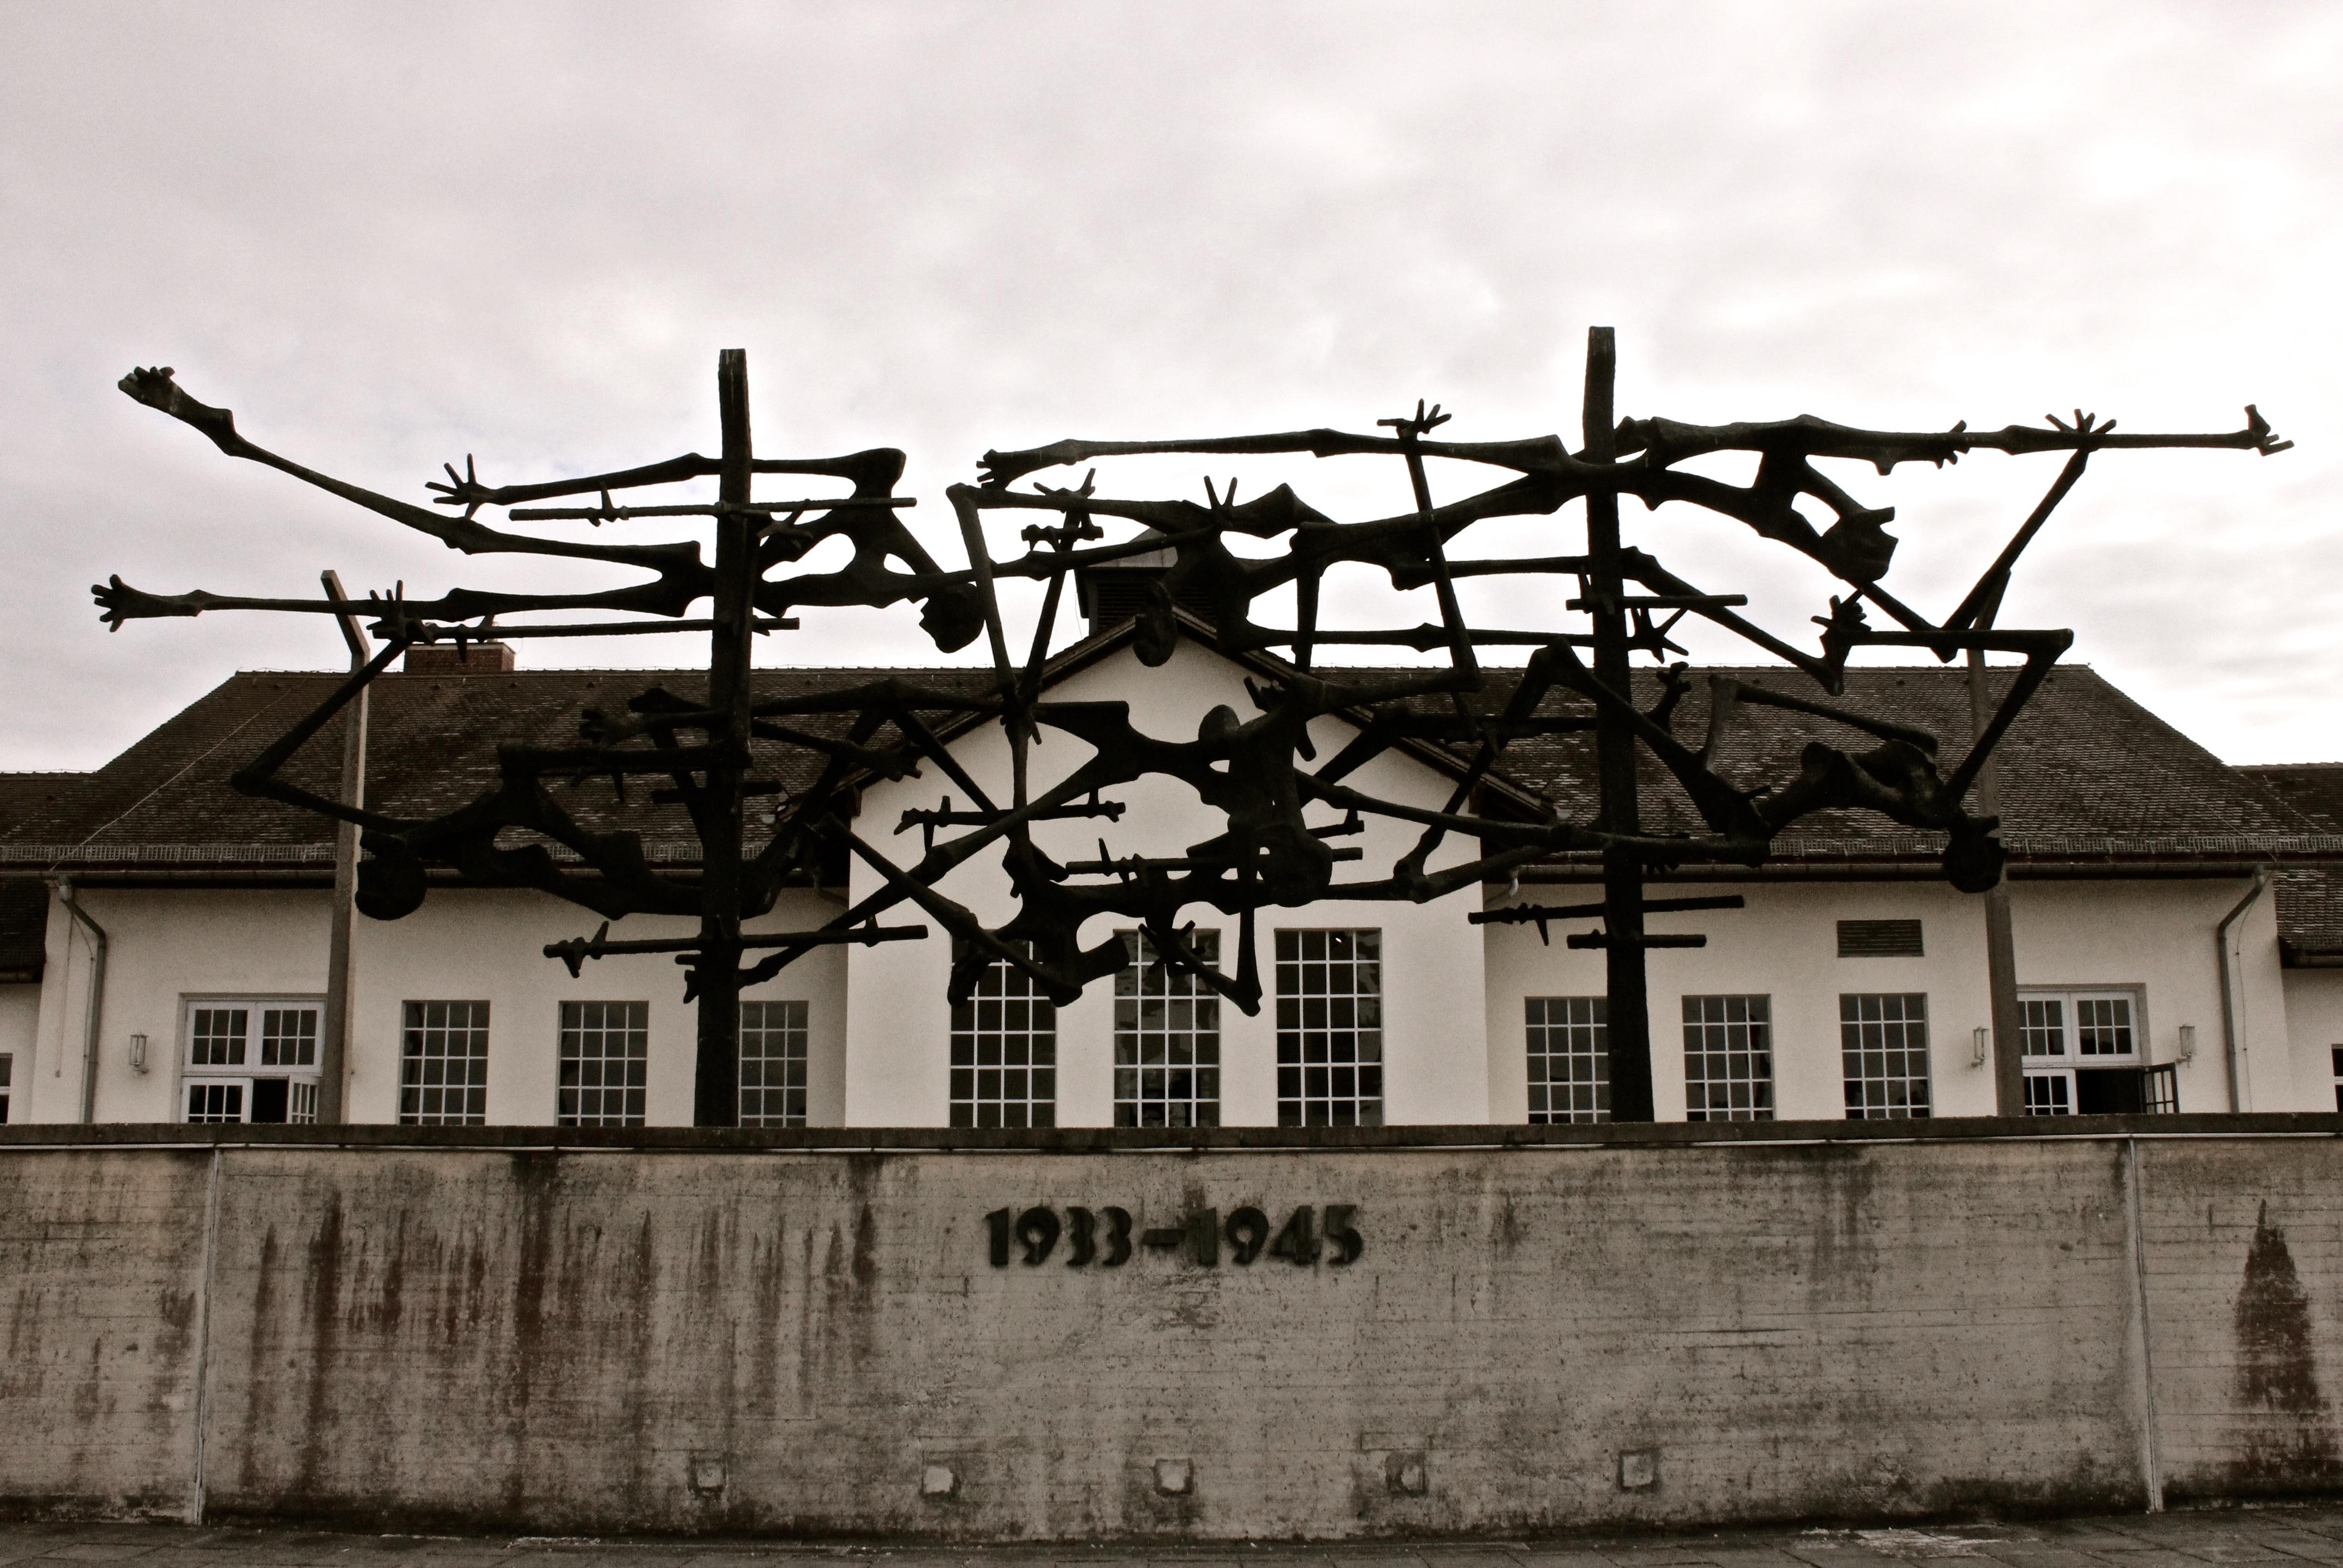 Dachau Concentration Camp |Concentration Camps Buildings